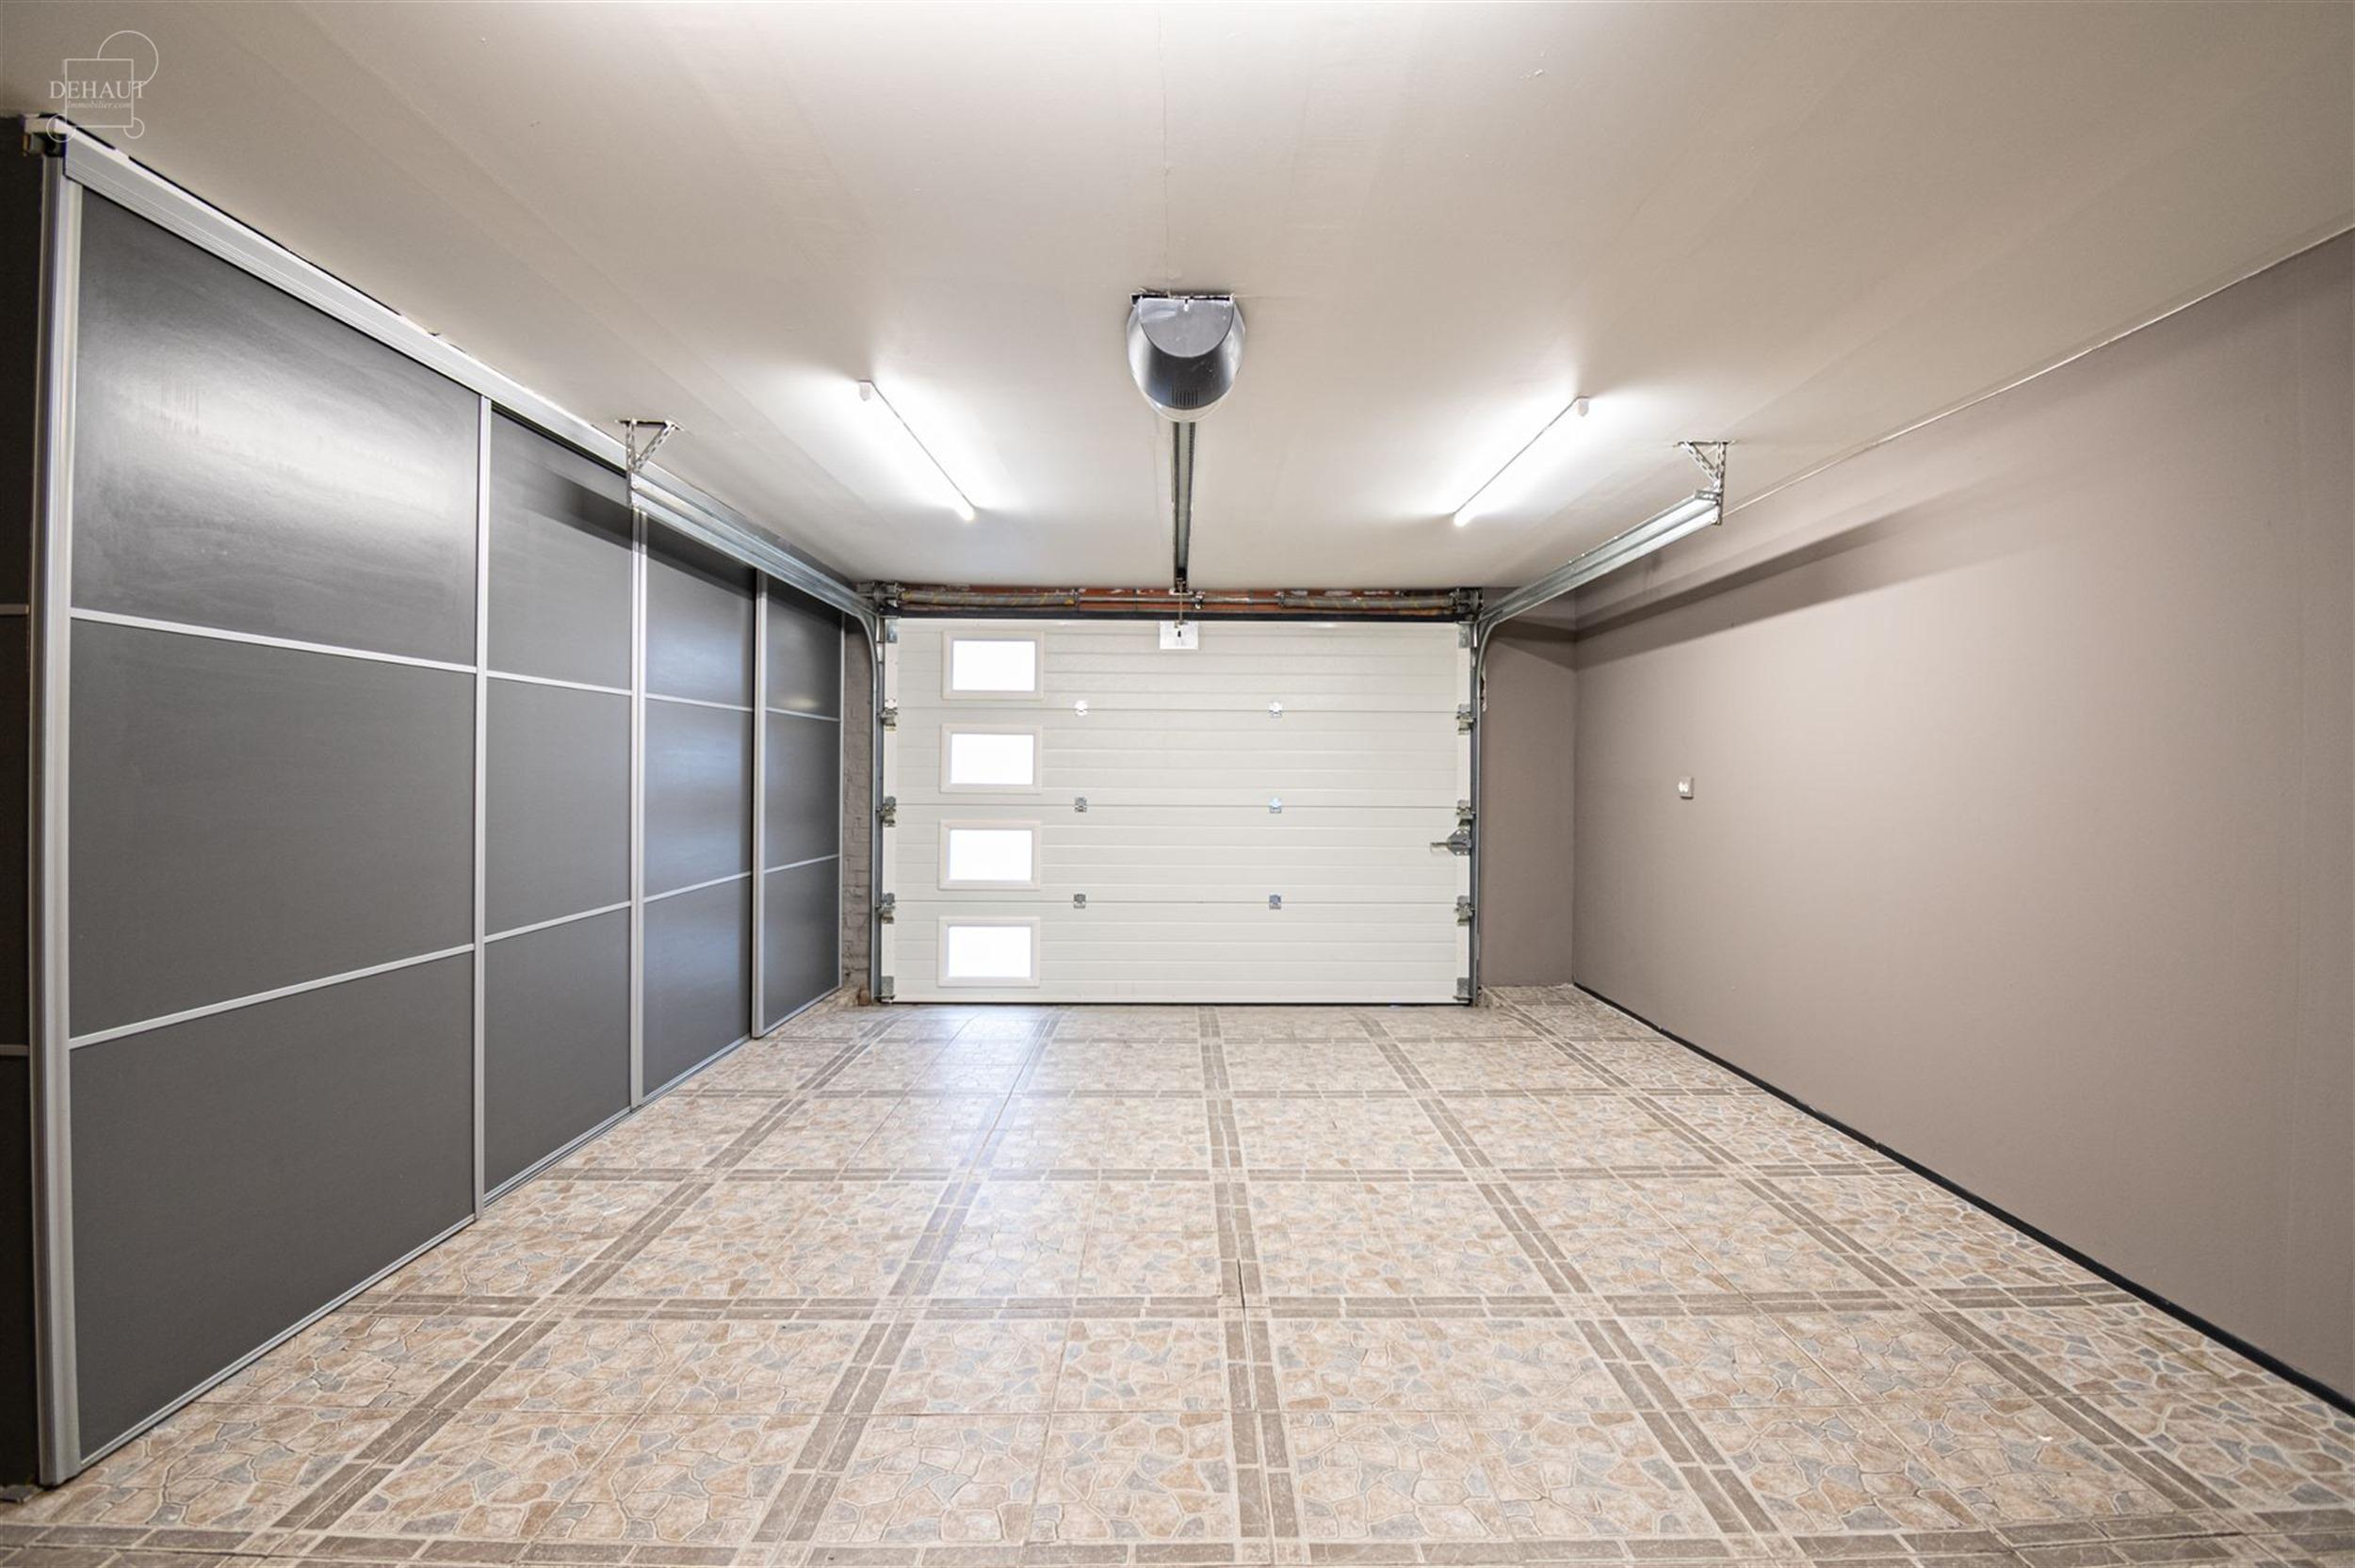 Jolie maison proposant de beaux volumes, 3 chambres et un garage! Elle propose un hall d'entrée desservant un séjour ouvert sur cuisine équipée, ...